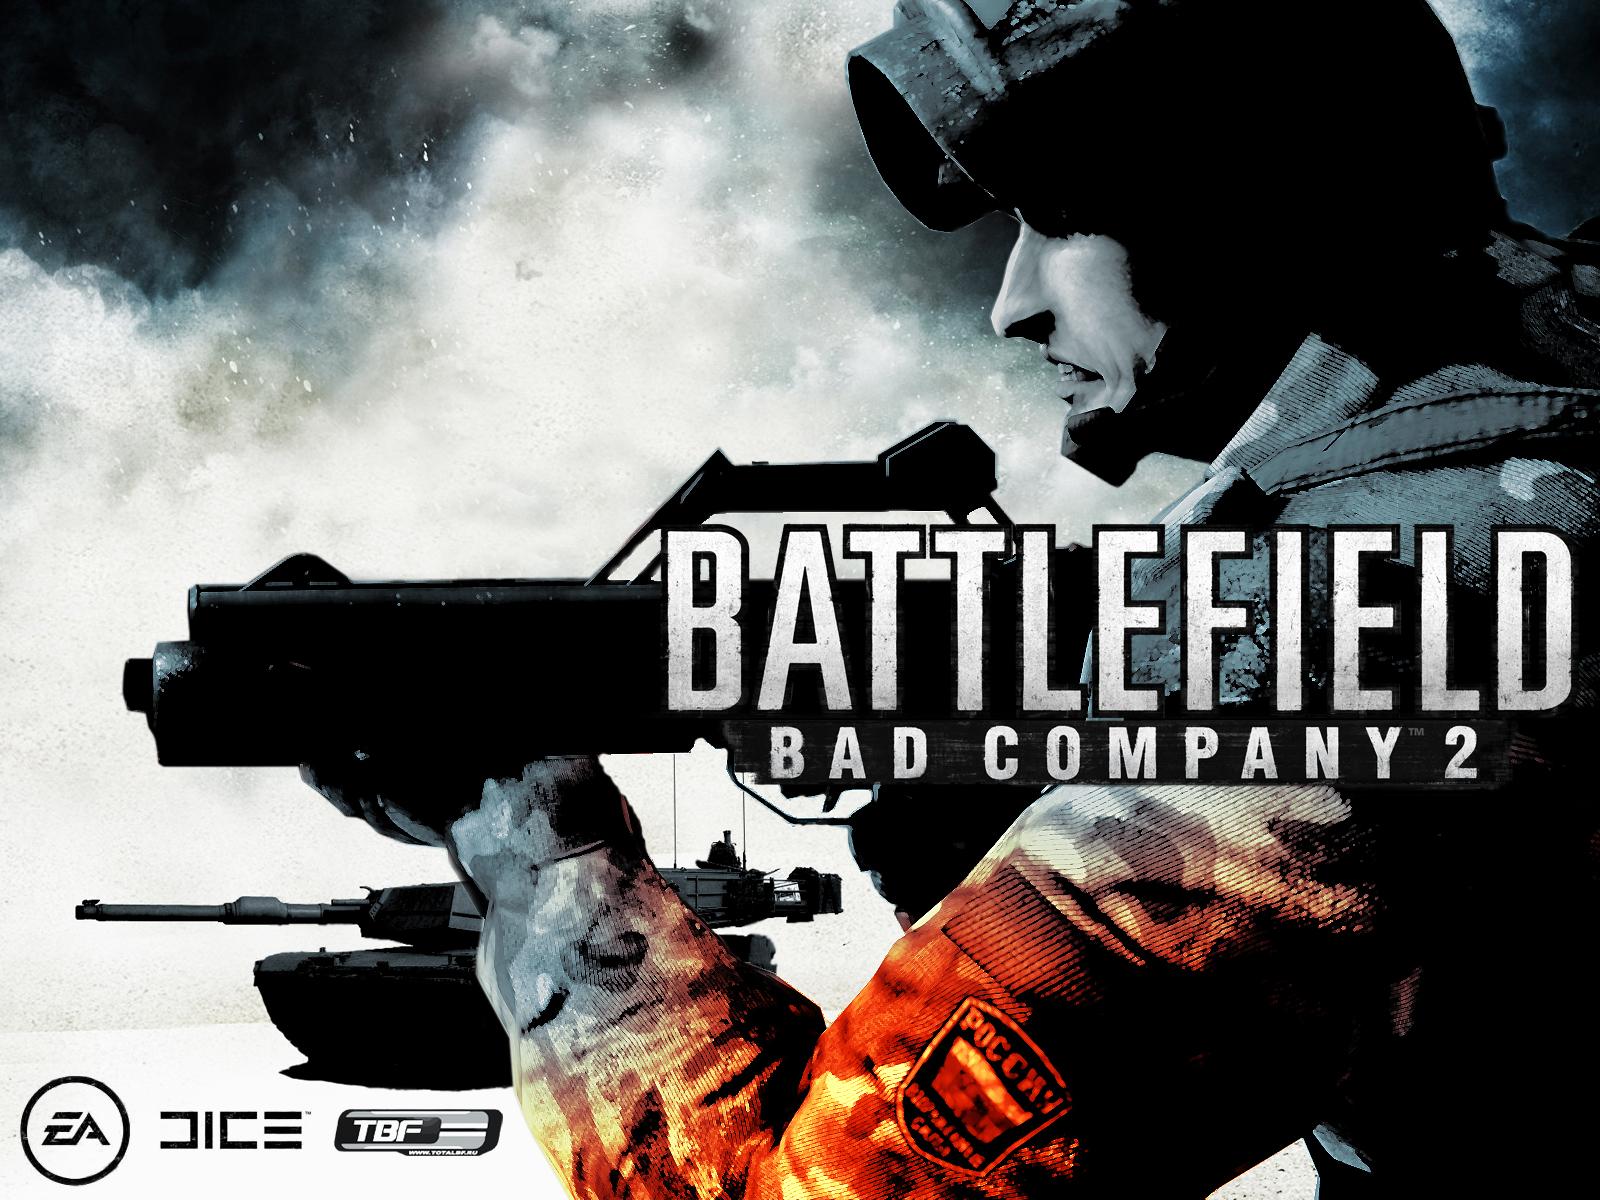 http://2.bp.blogspot.com/-nf1vtaPSIyk/TqPar8cSo0I/AAAAAAAAIEU/OnsubXvWTOs/s1600/wallpaper_battlefield_bad_company-4.jpg